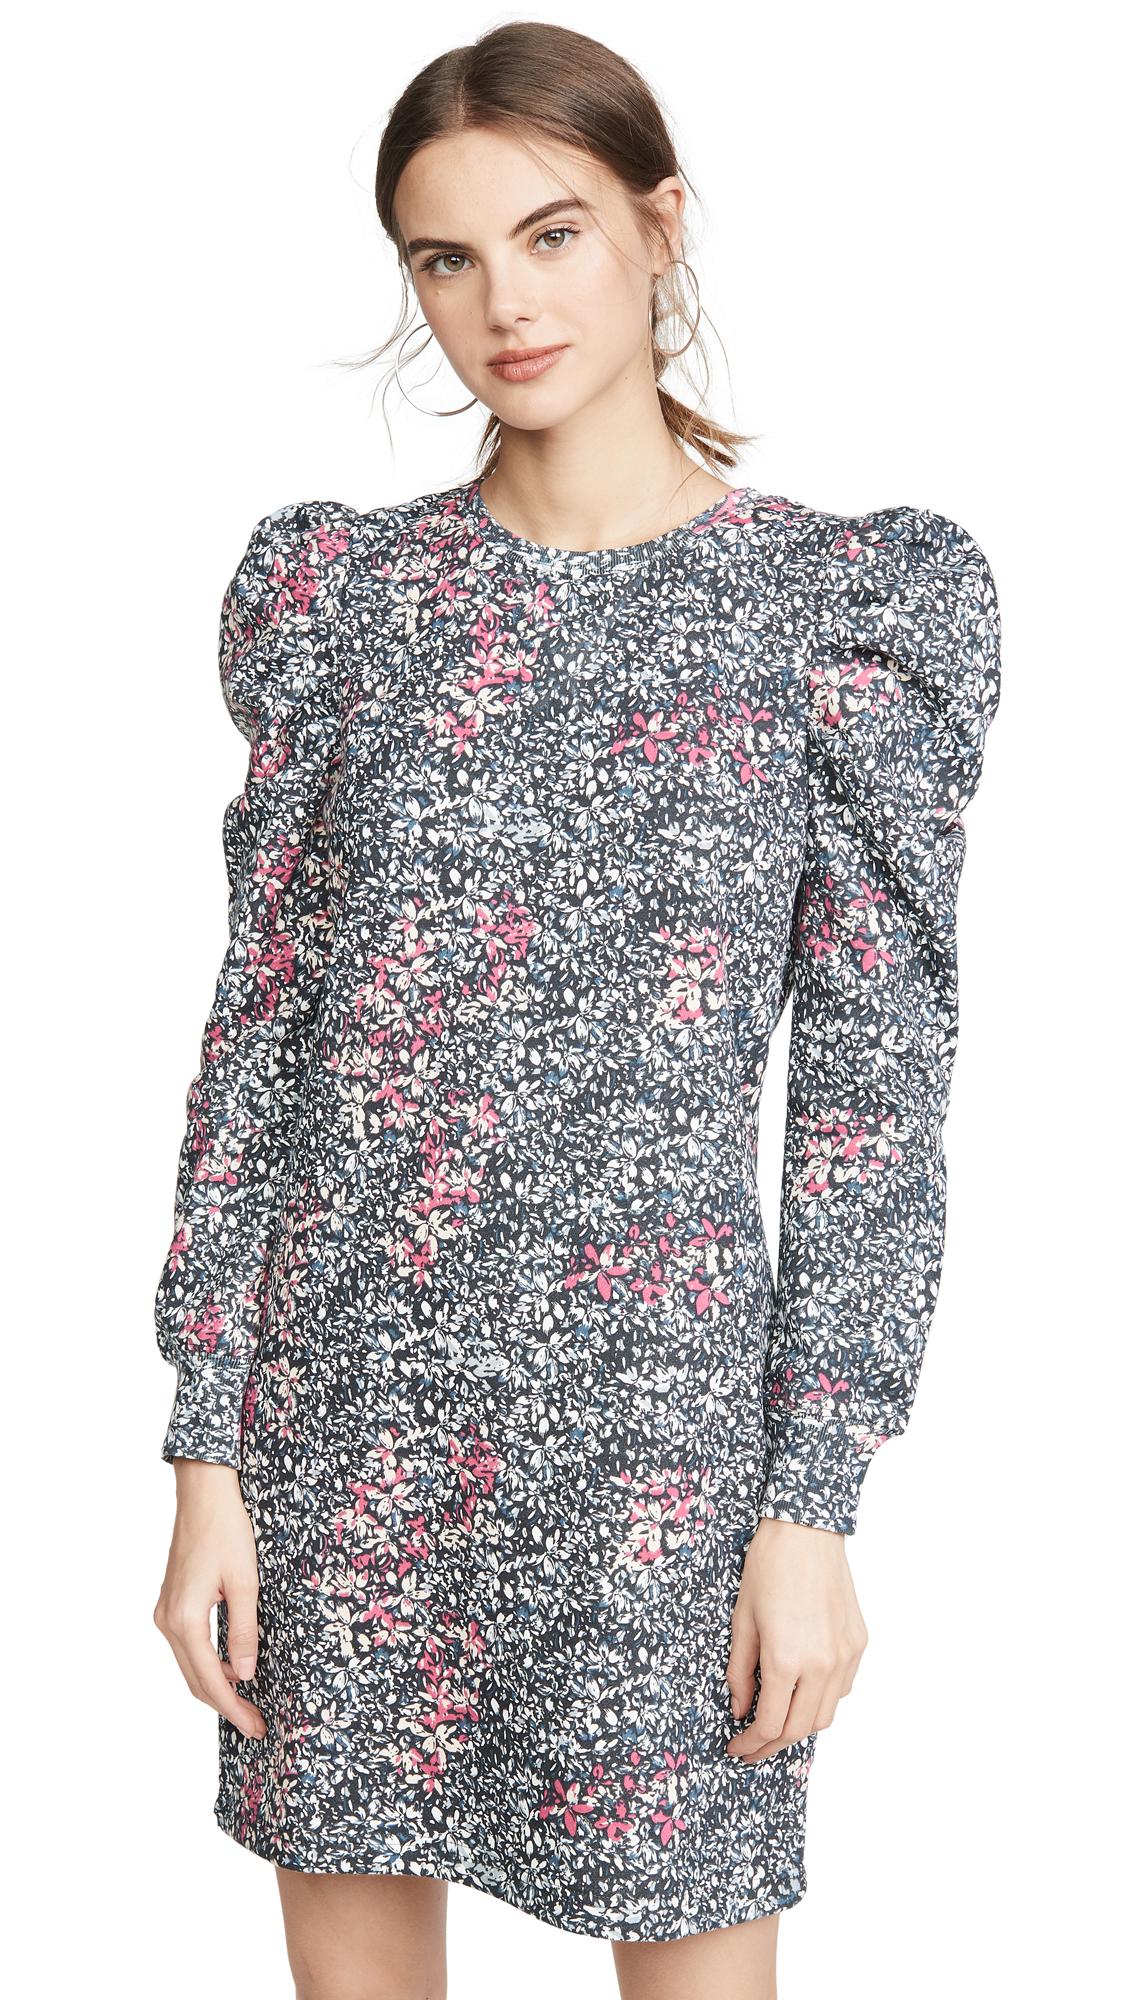 Rebecca Minkoff Janine Dress - 30% Off Sale